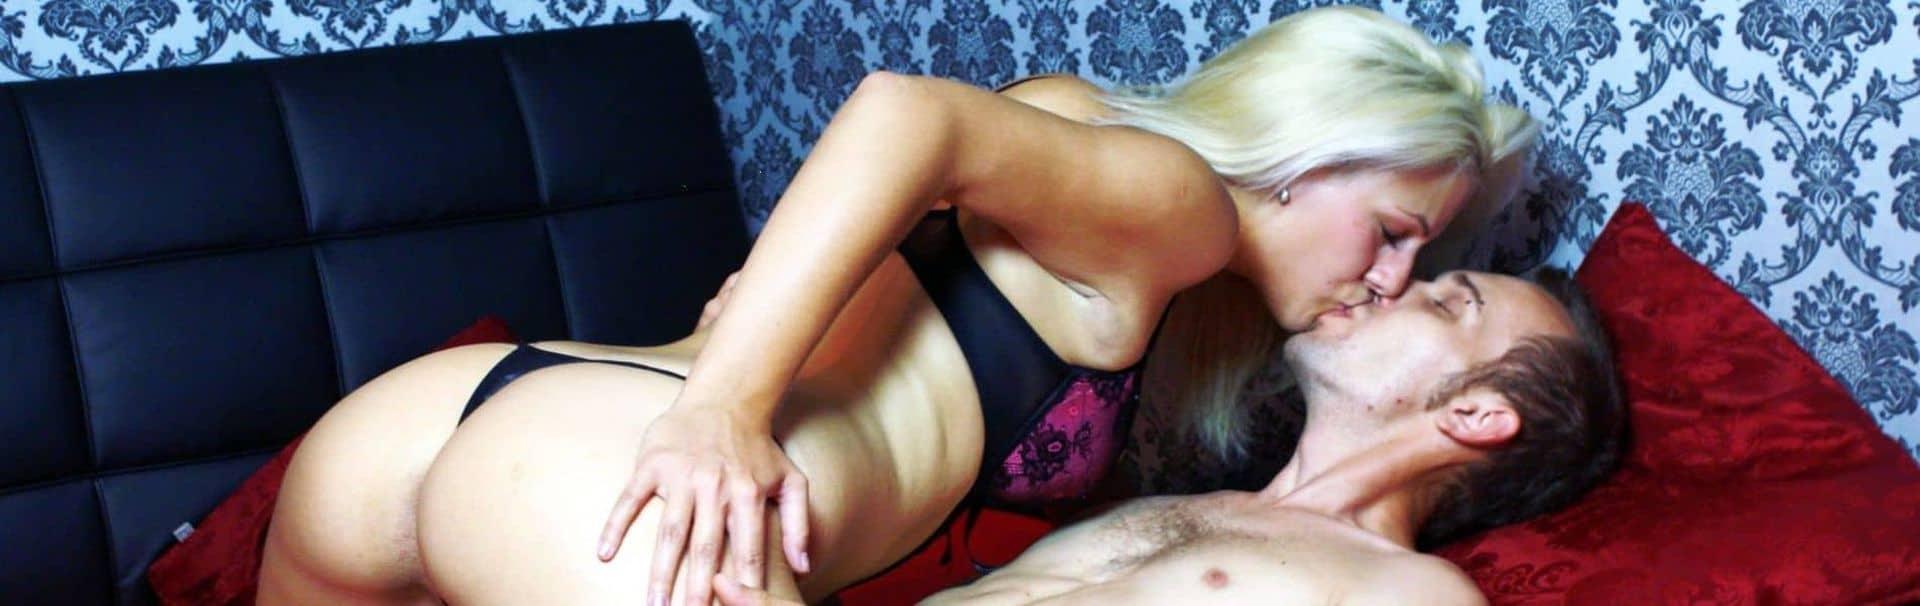 Sex zu zweit vor der Webcam?